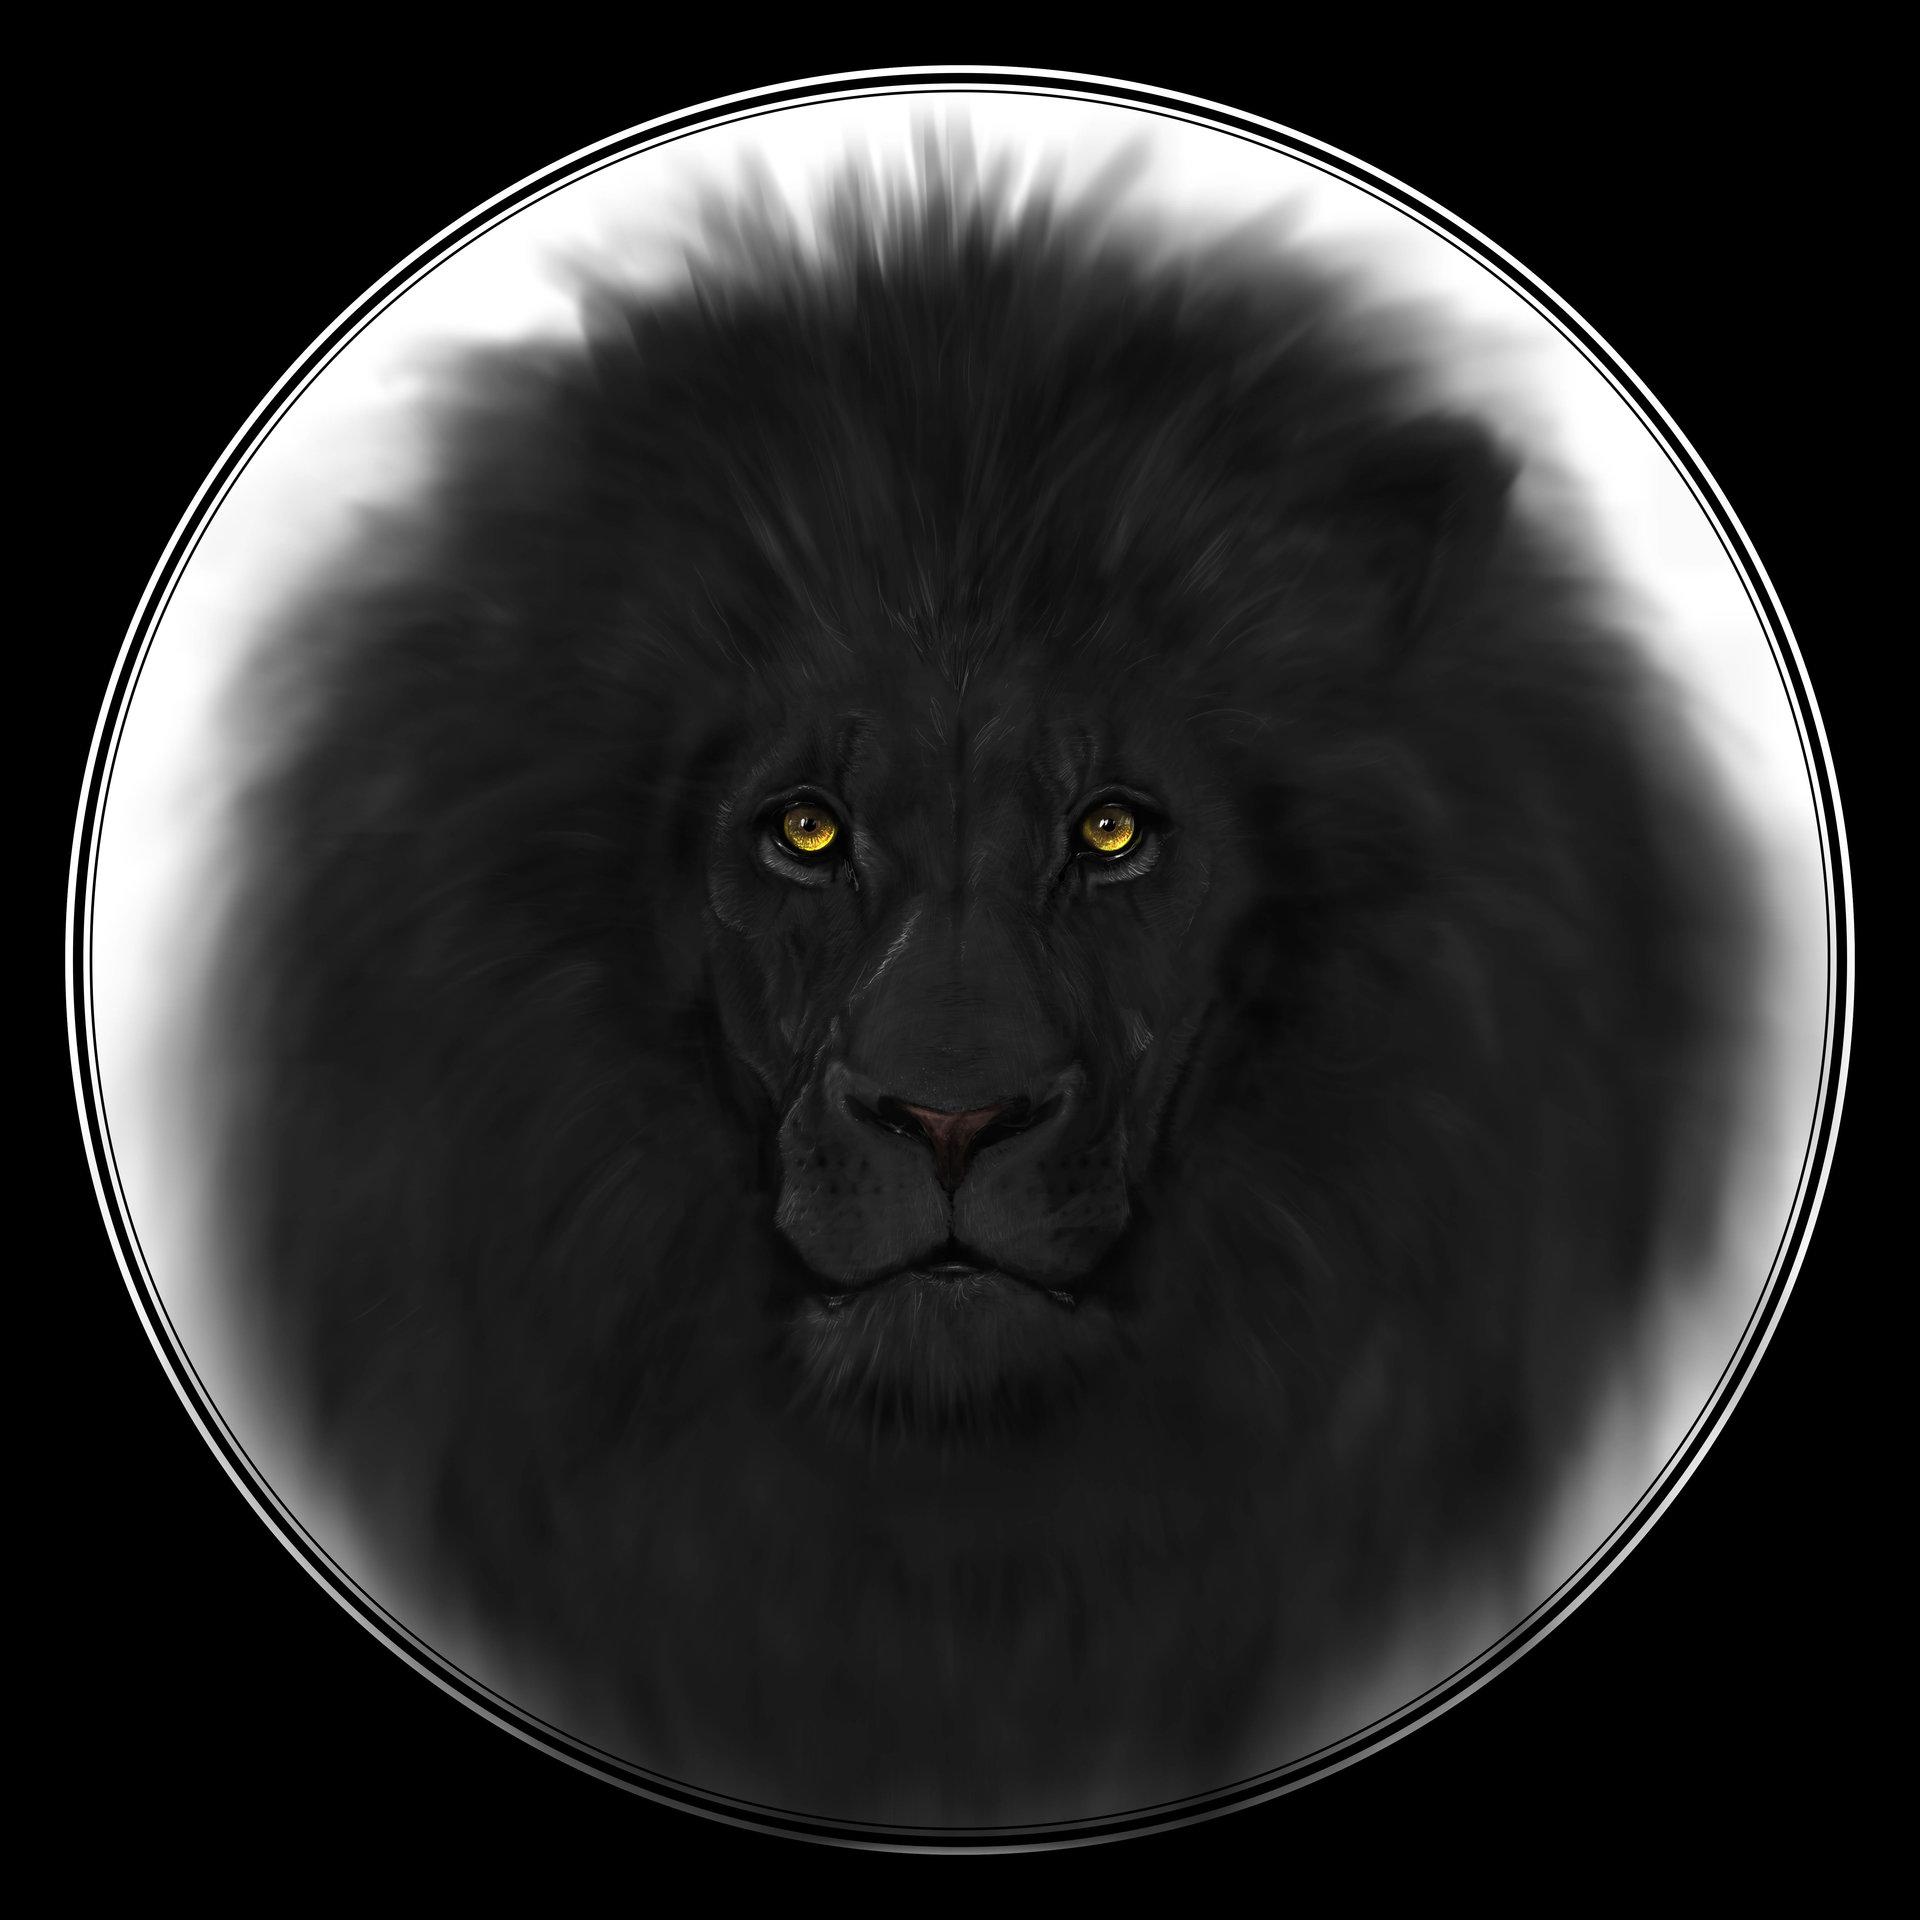 редкий черный лев картинки картинка